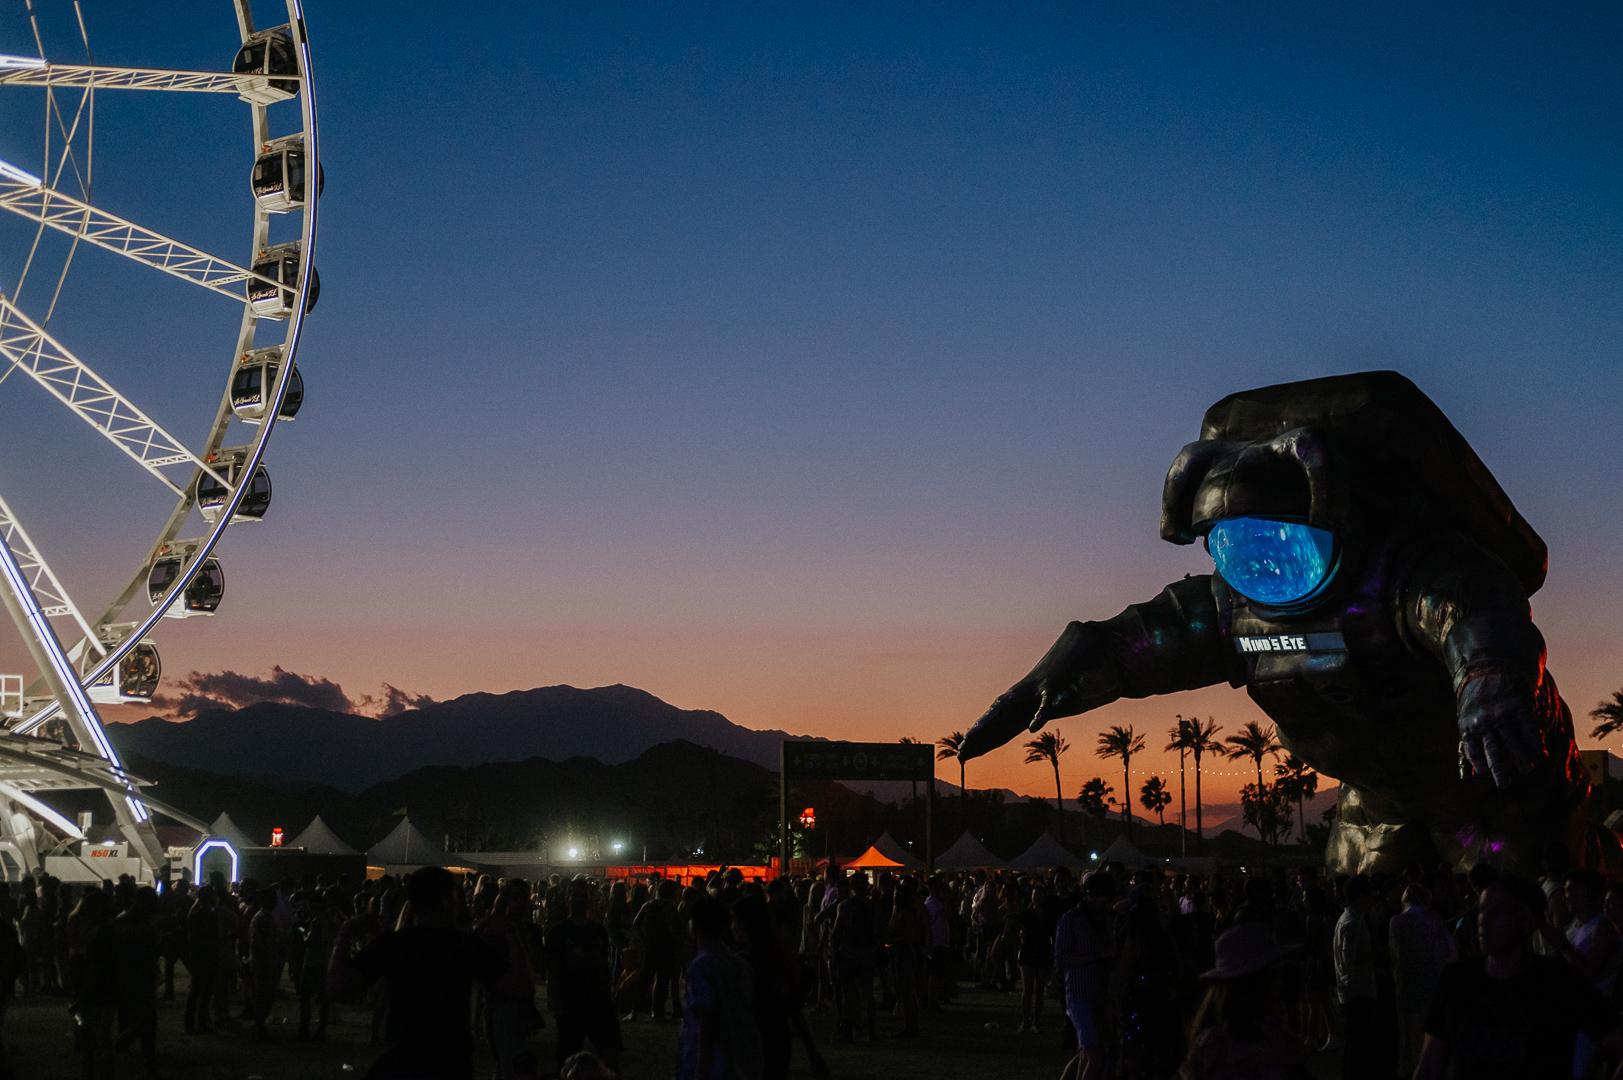 Coachella-9503.jpg